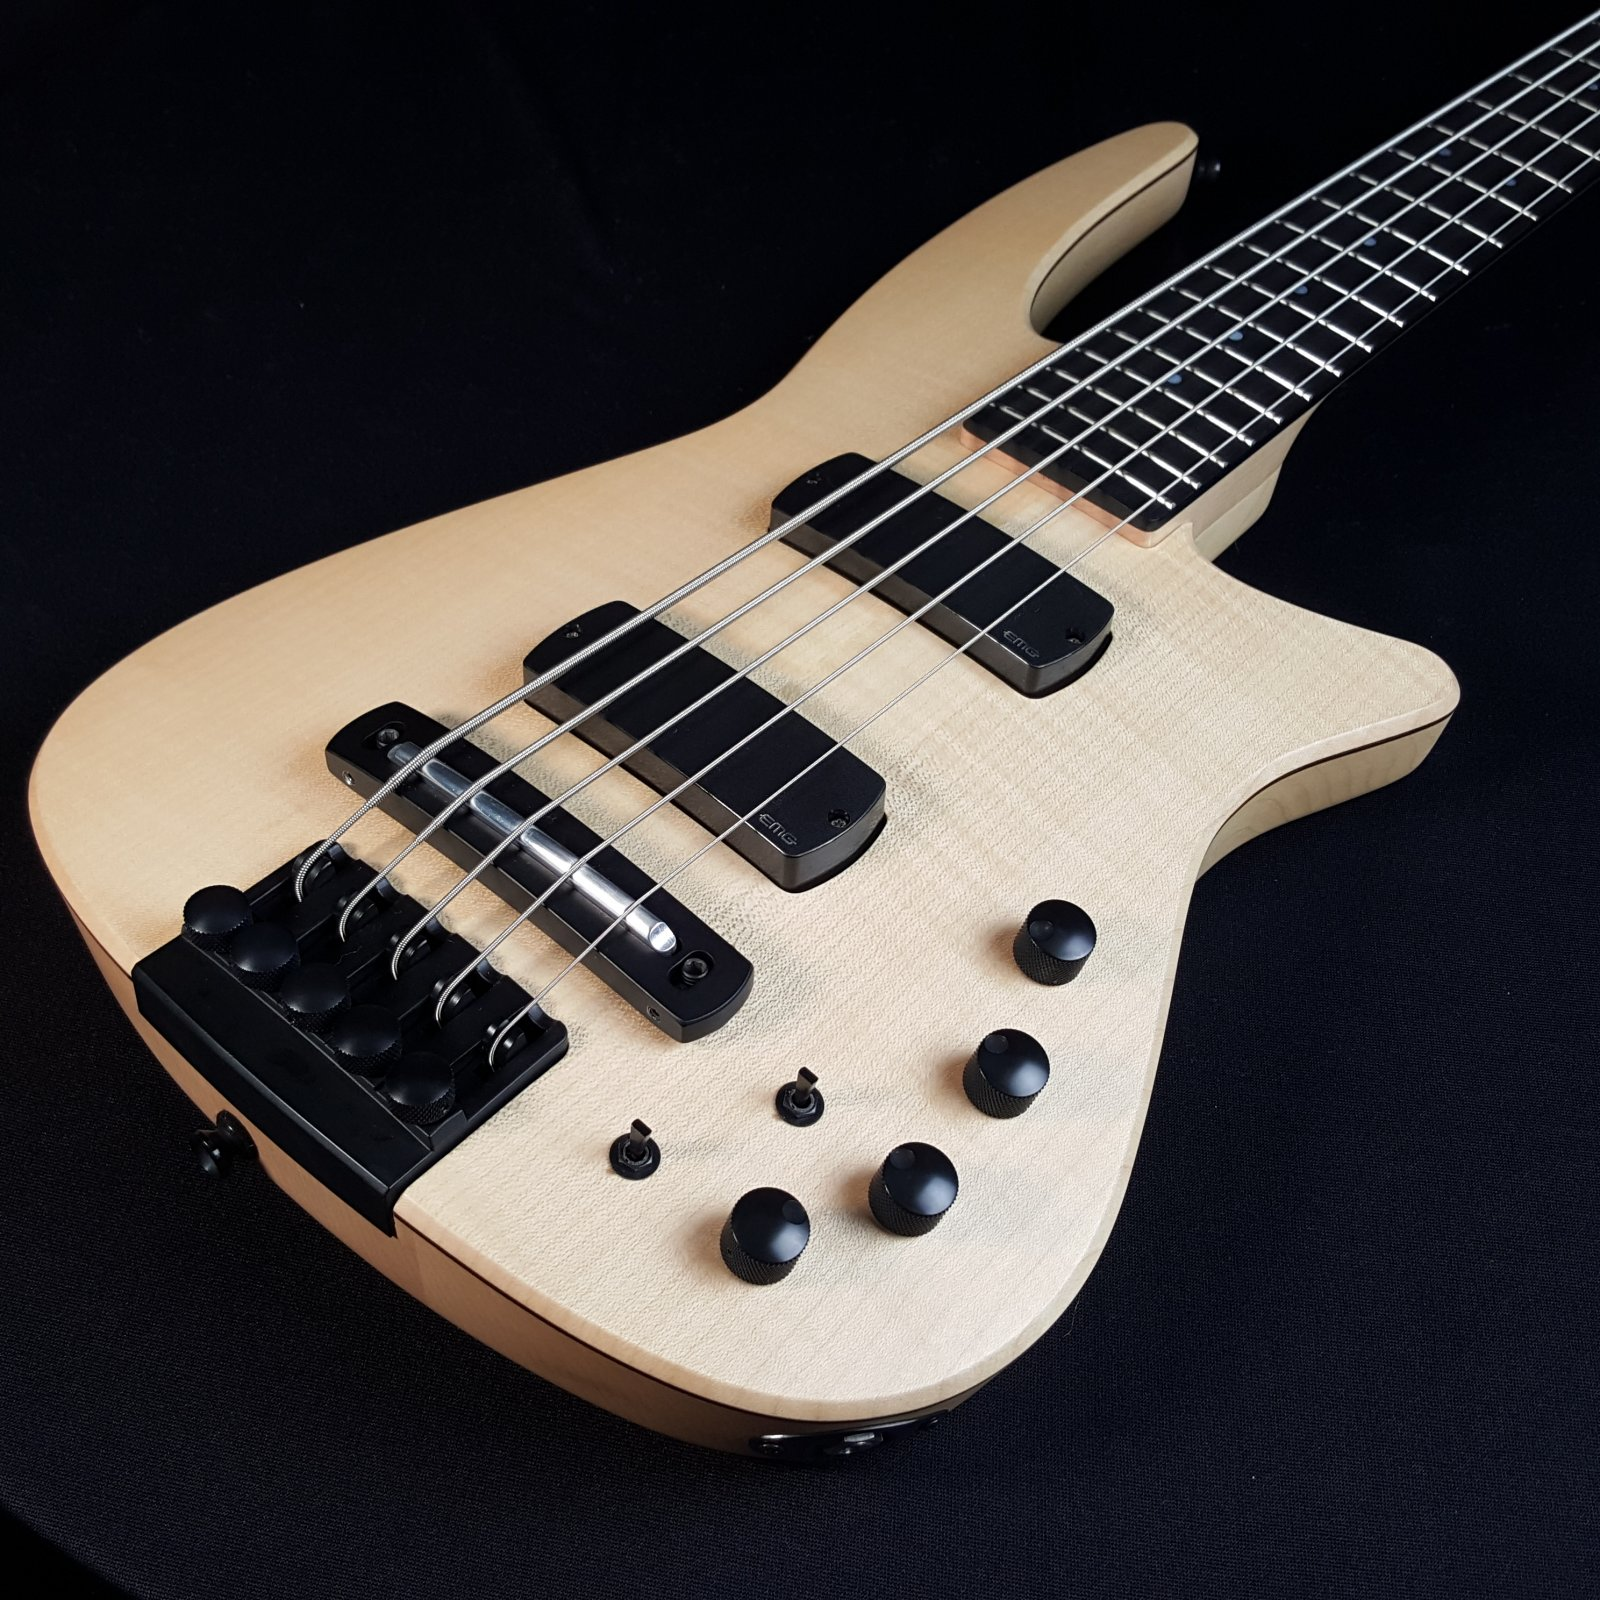 NS Design CR5 -BG-NAS 5 String Radius Bass Guitar Natural Satin with Bag